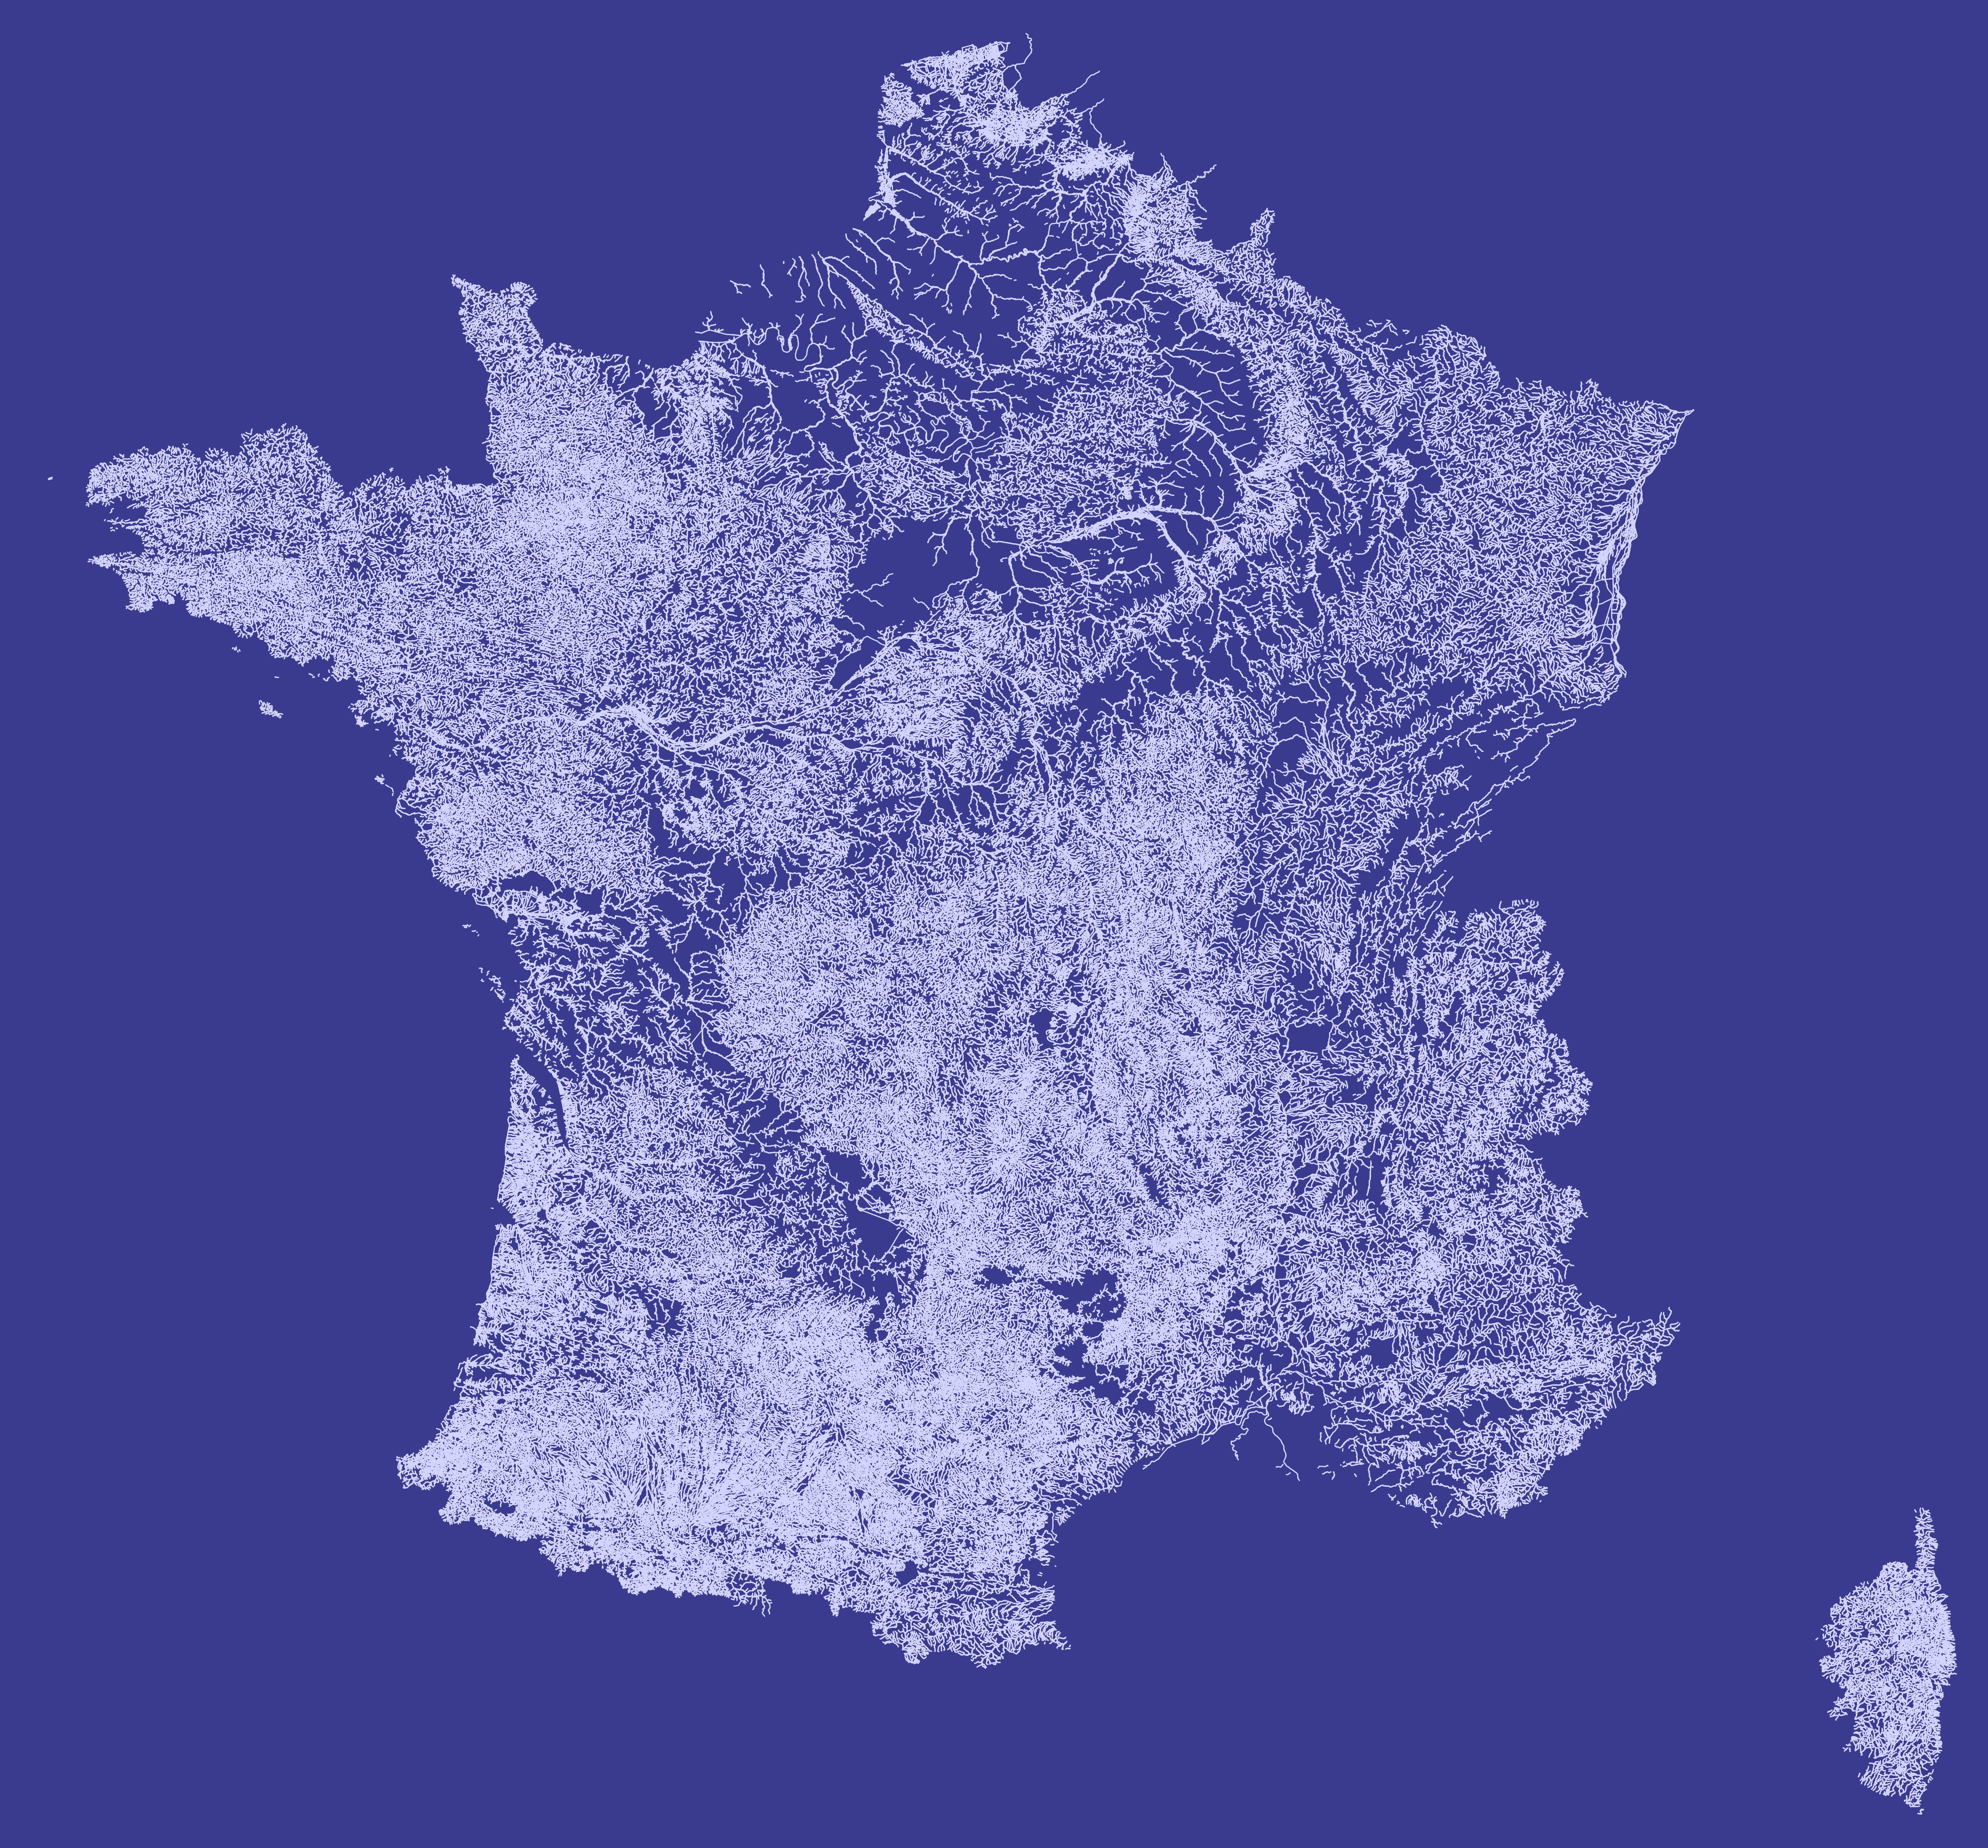 carte cours d eau france File:Carte France hydrographie cours d'eau fond bleu foncé.png